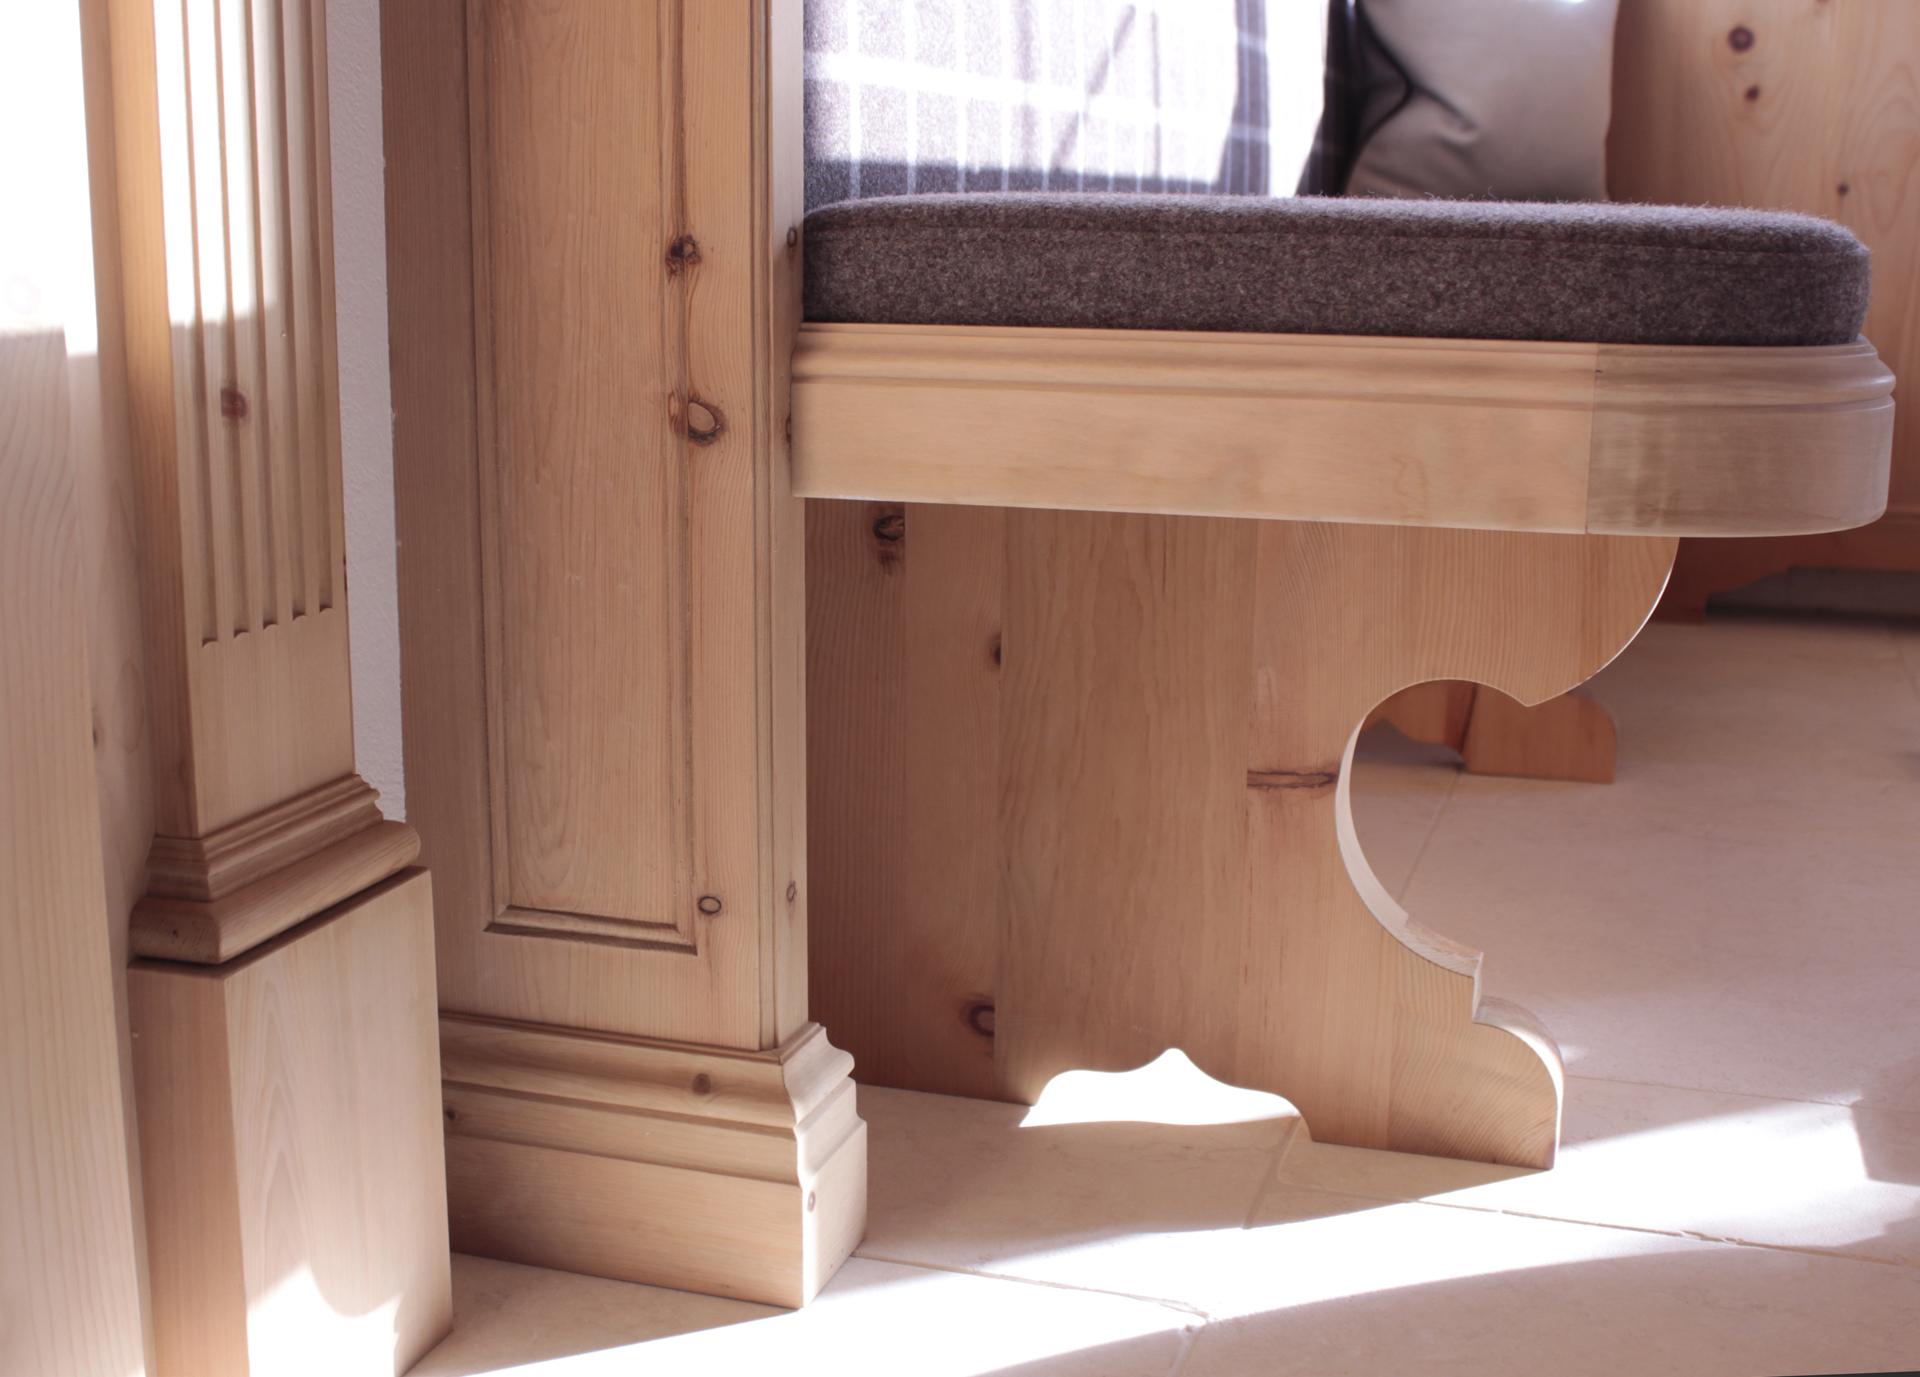 tischlerei-decker-laerchenhof-fruehstuecksraum-detail